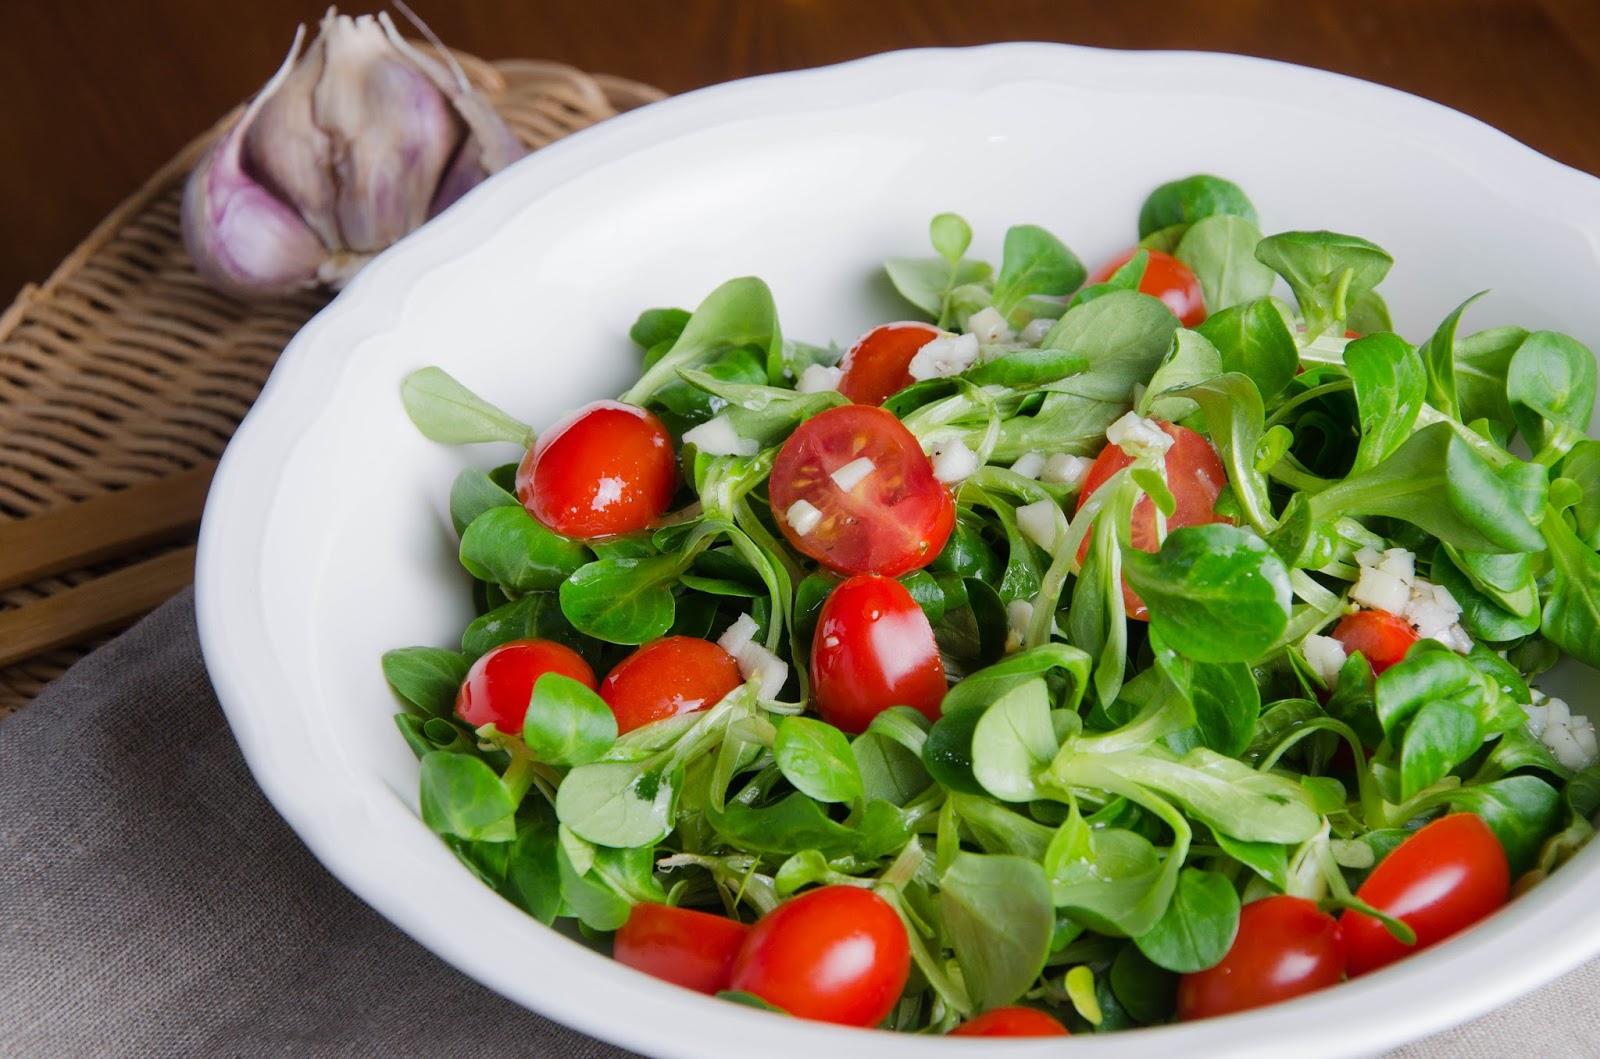 Sałatka z roszponki z pomidorkami koktajlowymi i czosnkowym winegretem